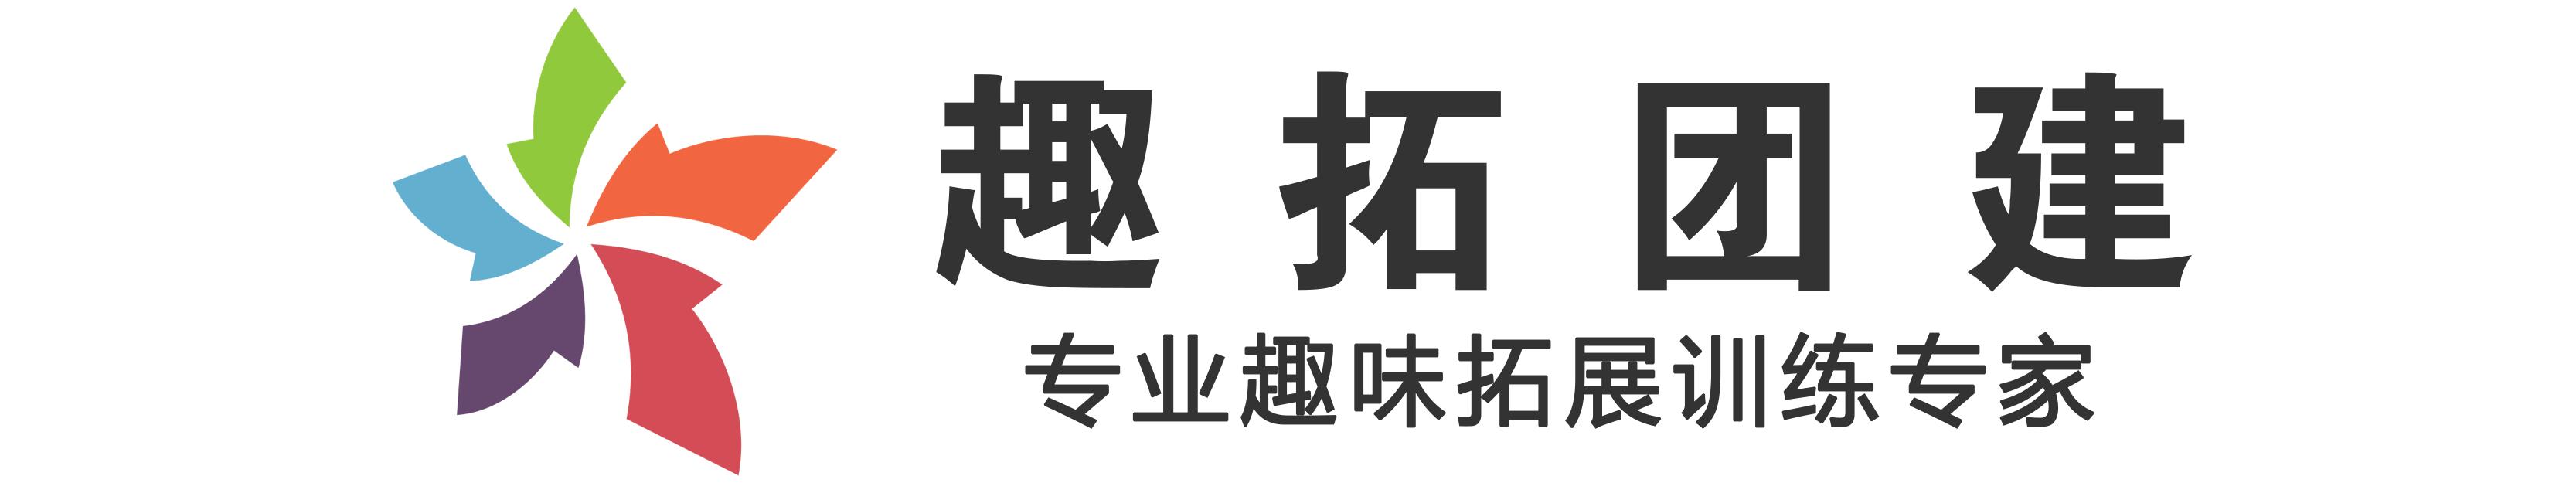 深圳团建公司_提供个性化深圳户外拓展解决方案 客服热线400 086 8676